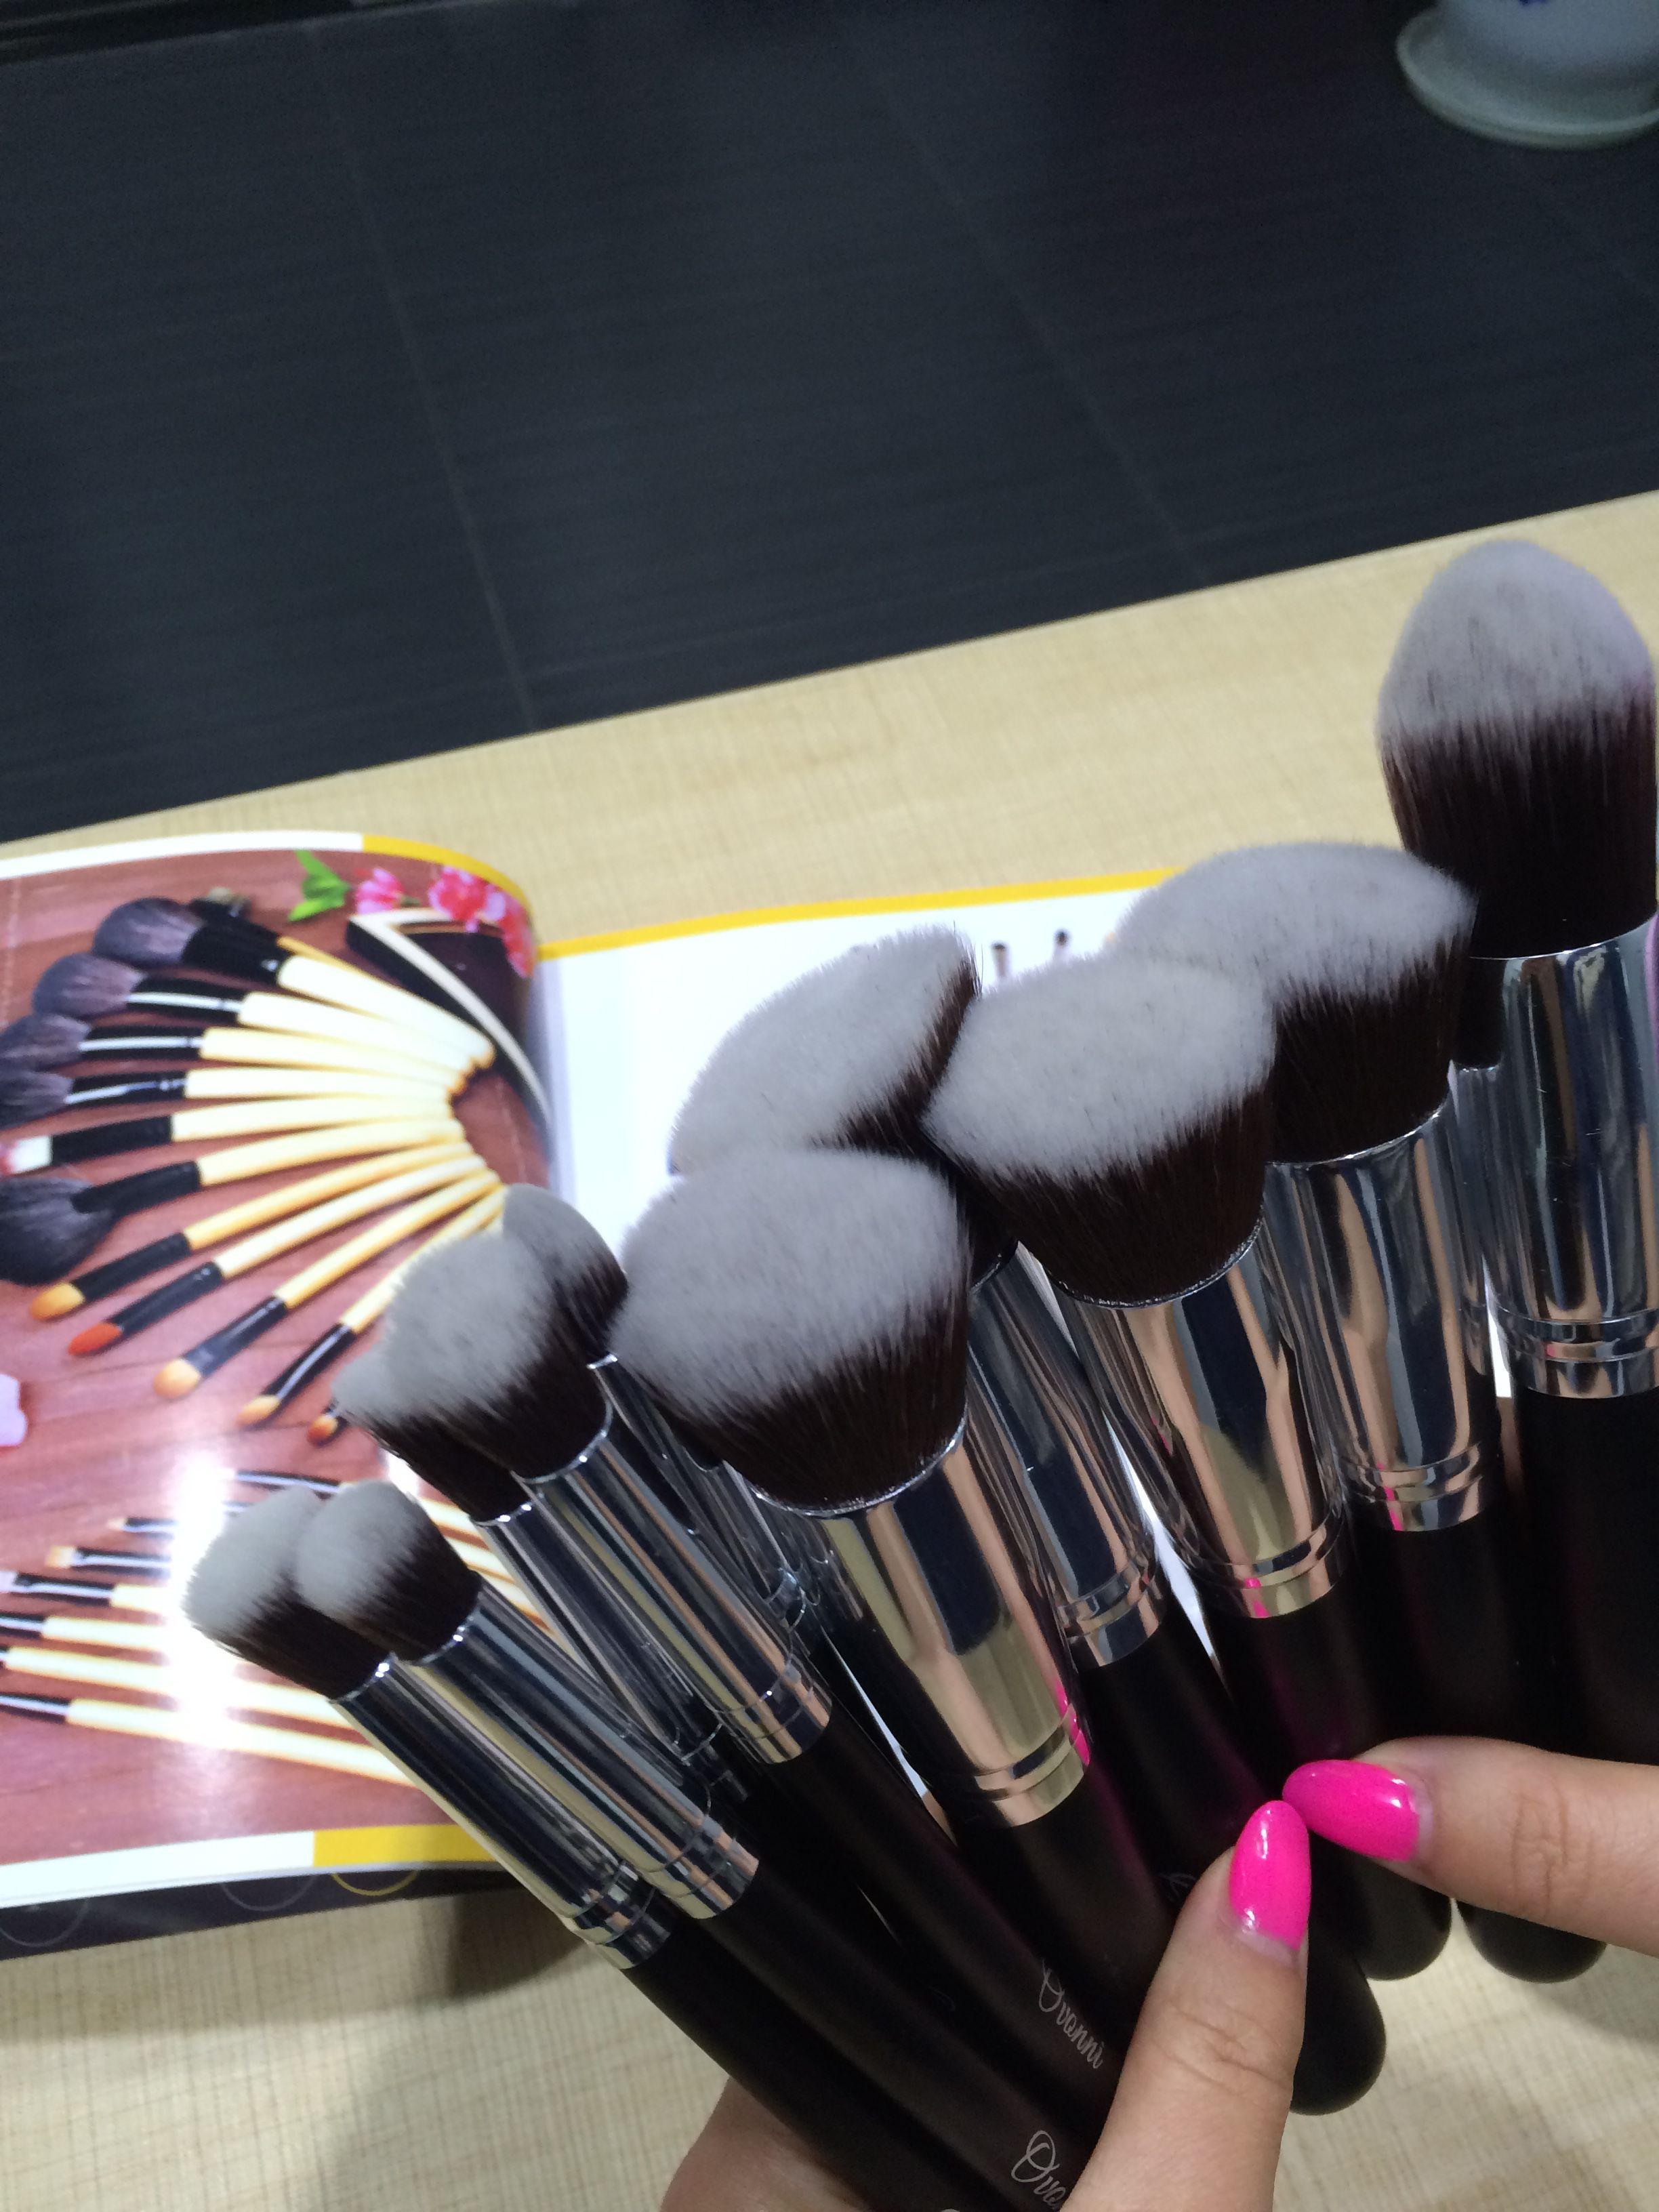 Amazing 10pcs Makeup Brushes for eye,eyeshadow,foundation